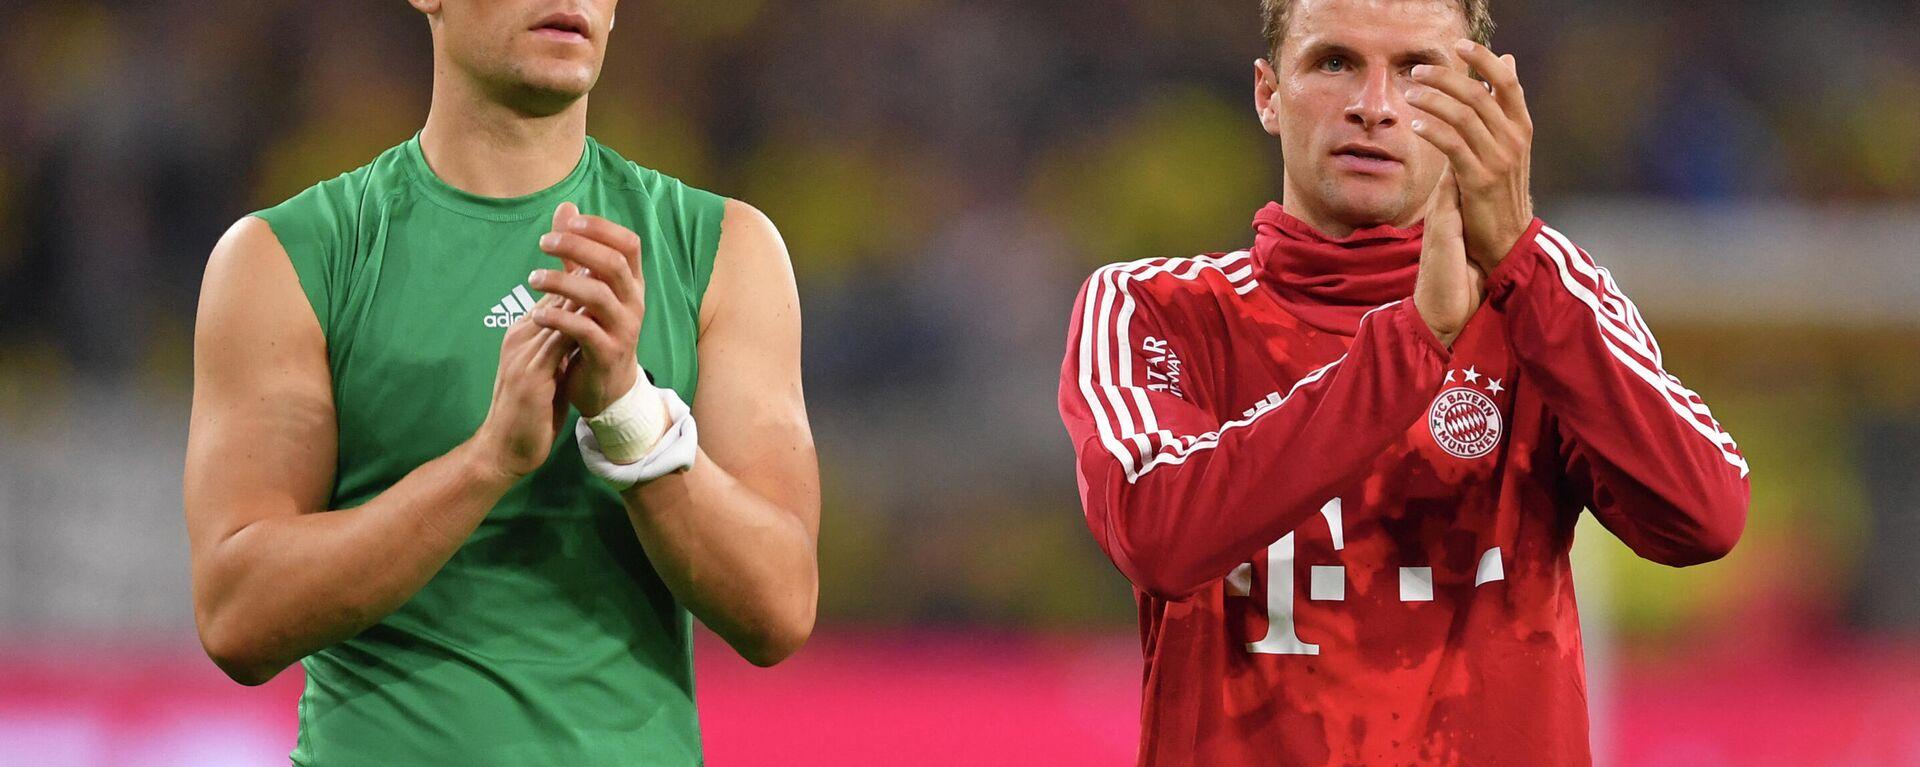 Manuel Neuer (L) und Thomas Müller, FC Bayern München, 3. August 2019.  - SNA, 1920, 17.02.2021